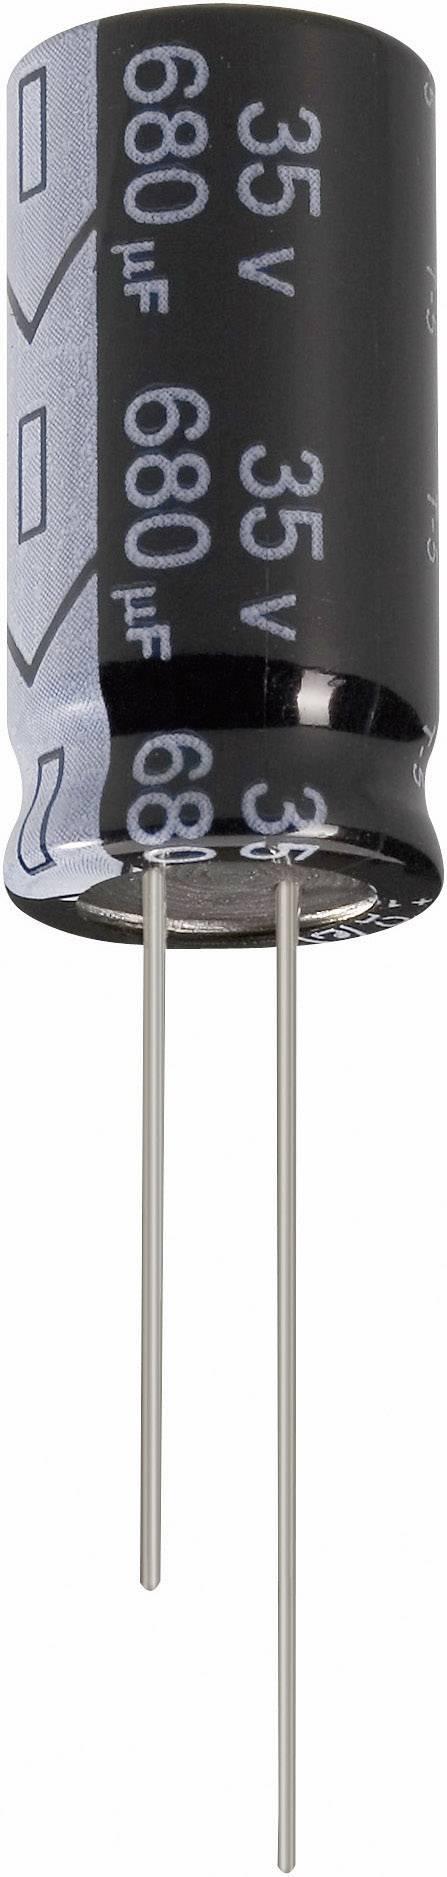 Elektrolytický kondenzátor Jianghai ECR1HGC100MFF200511, 2 mm, 10 µF, 50 V, 20 %, 1 ks